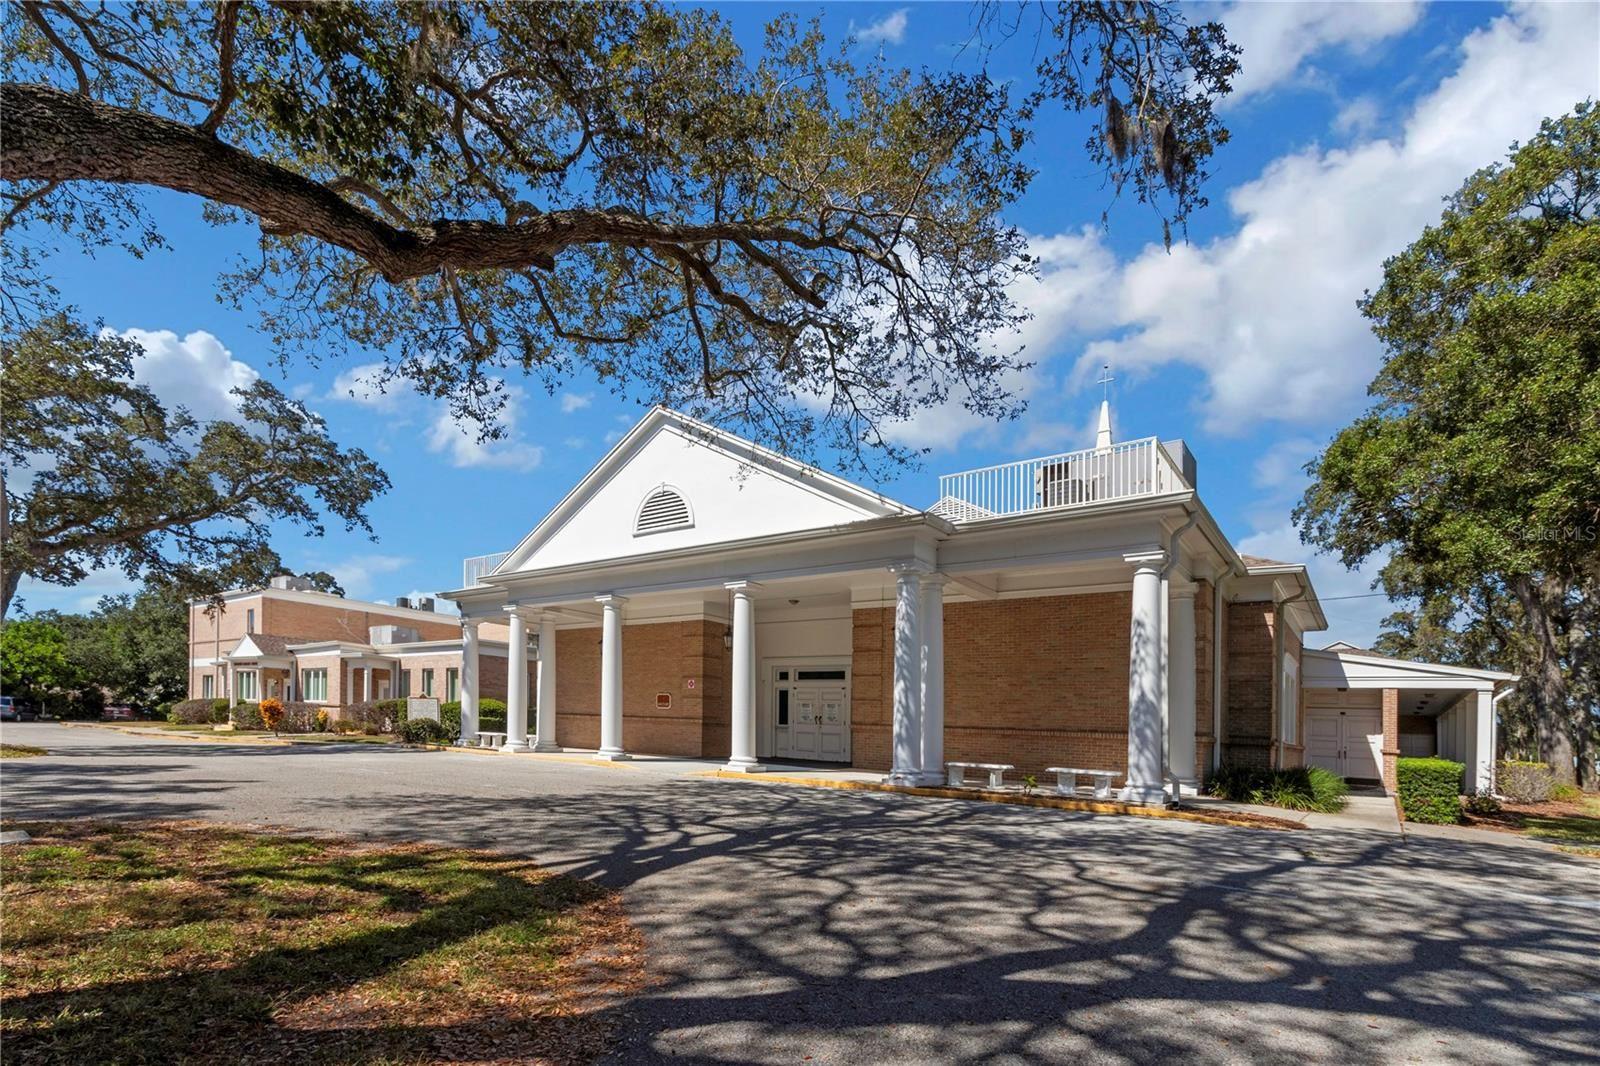 1197 HIGHLAND AVENUE N, Largo, FL 33770 - #: U8139391